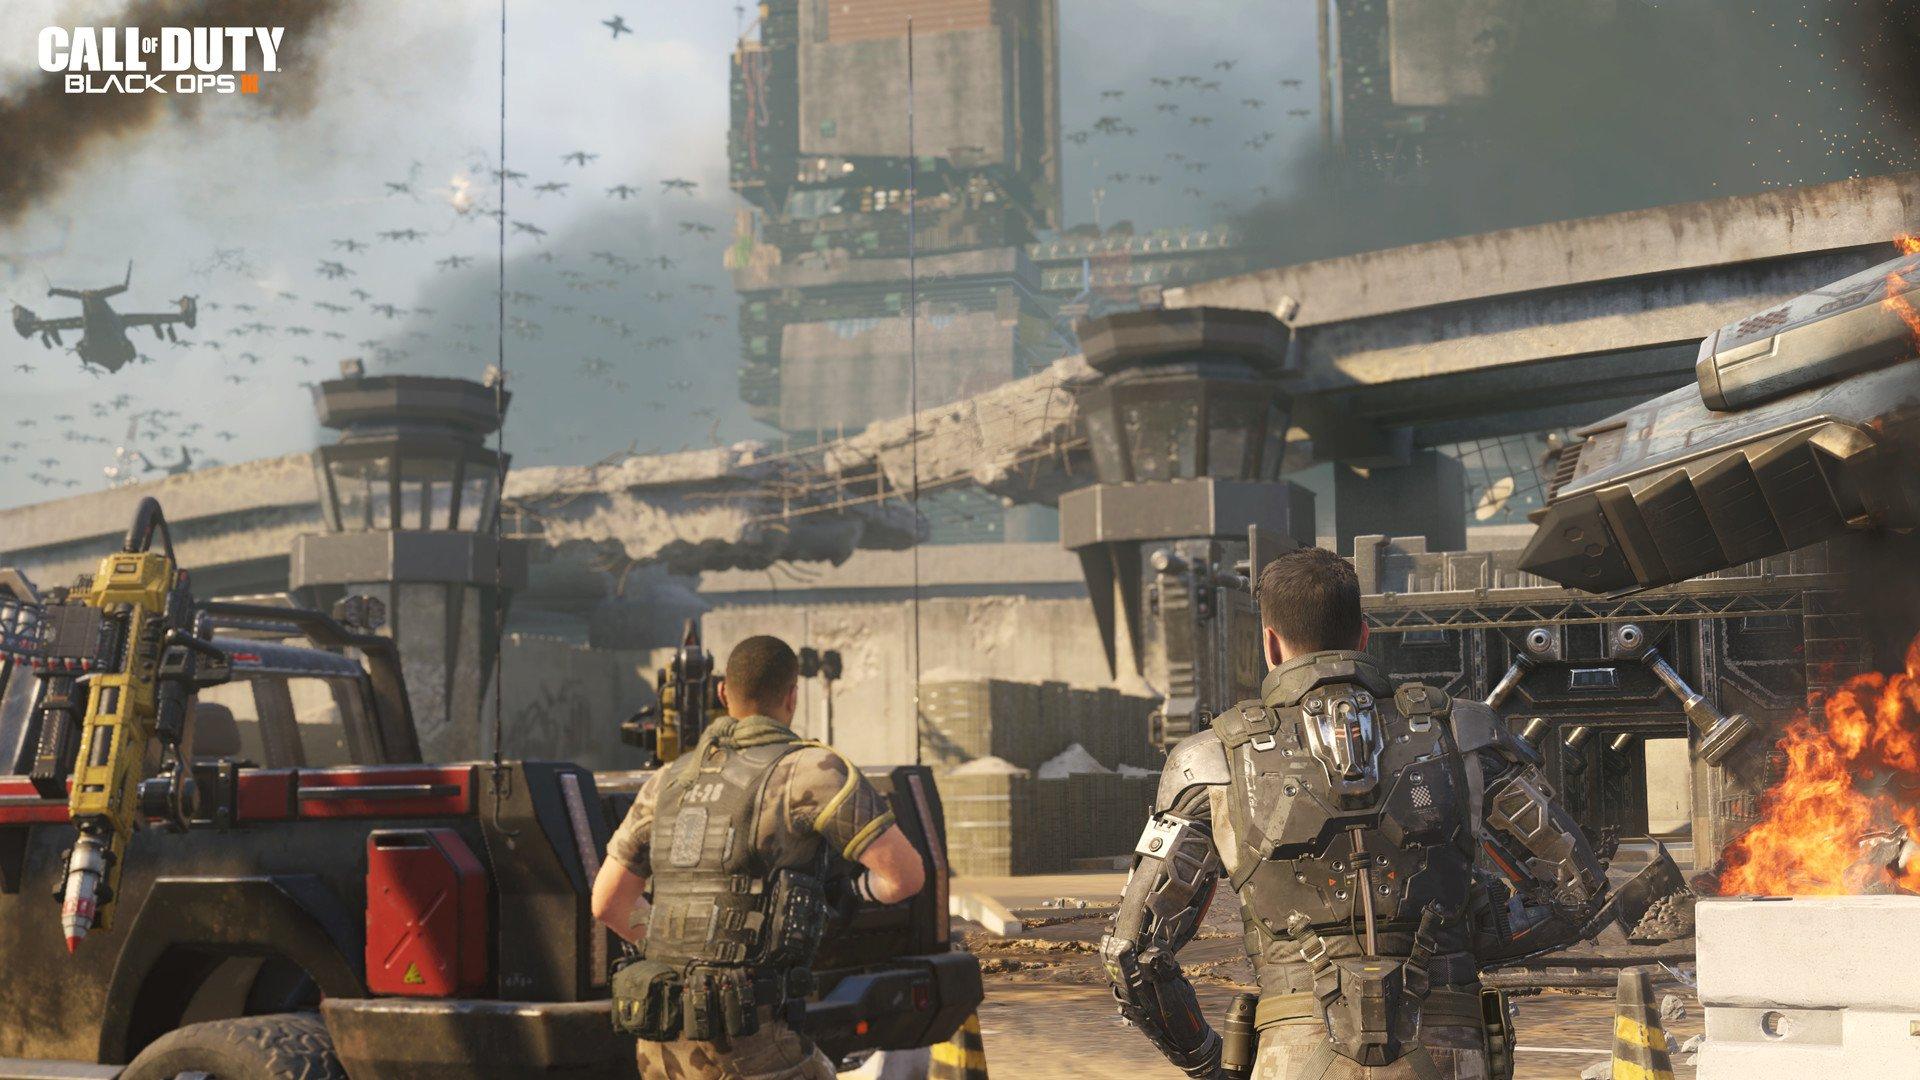 Call of Duty Black Ops III Awakening 7